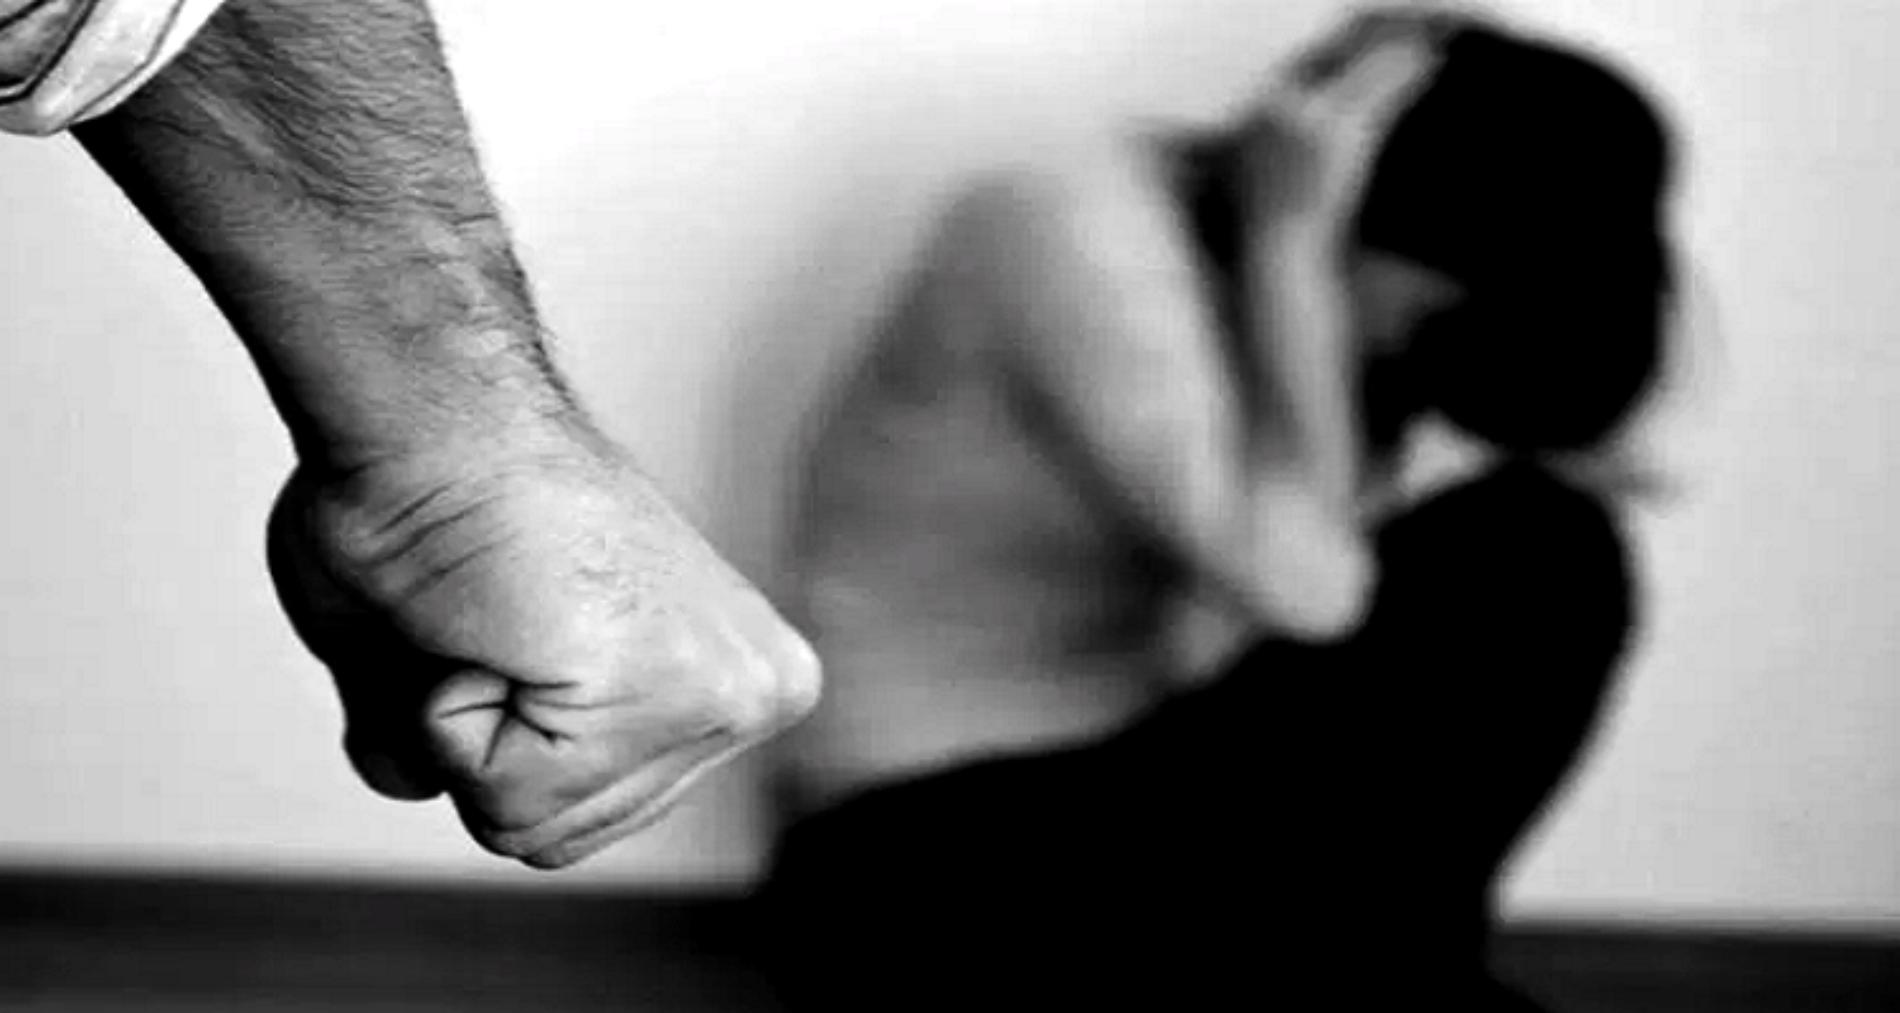 Guarda: Detido suspeito de bater em mulher e enteado de 9 anos